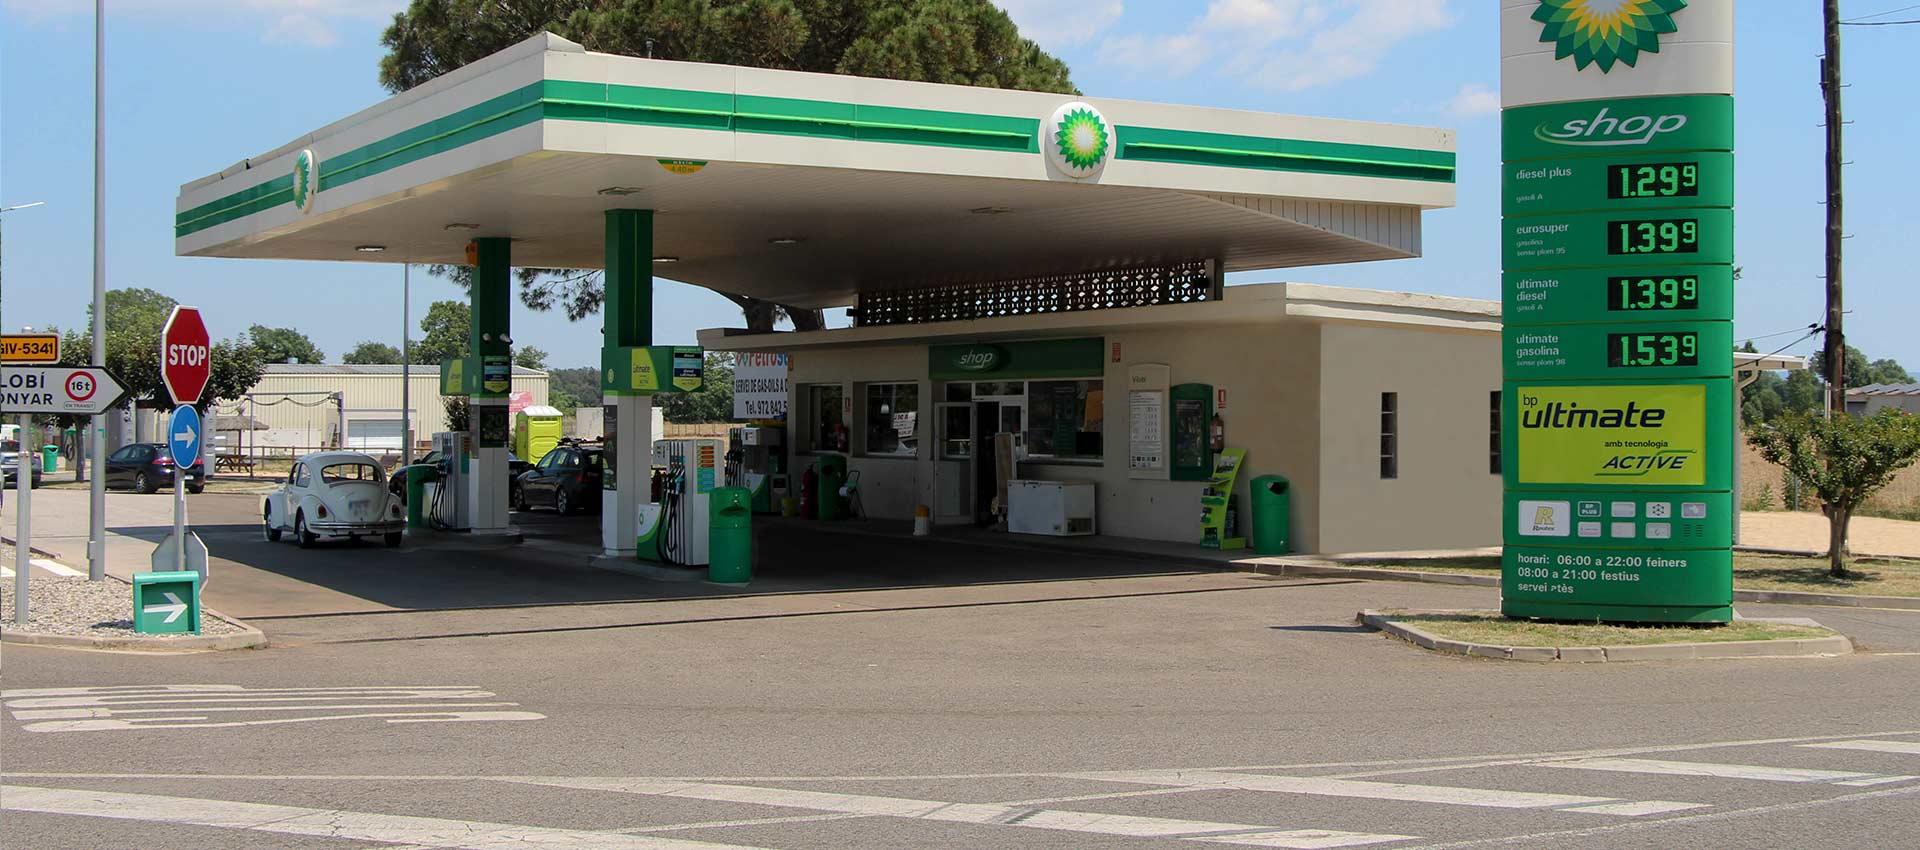 BP Vilobí d'Onyar